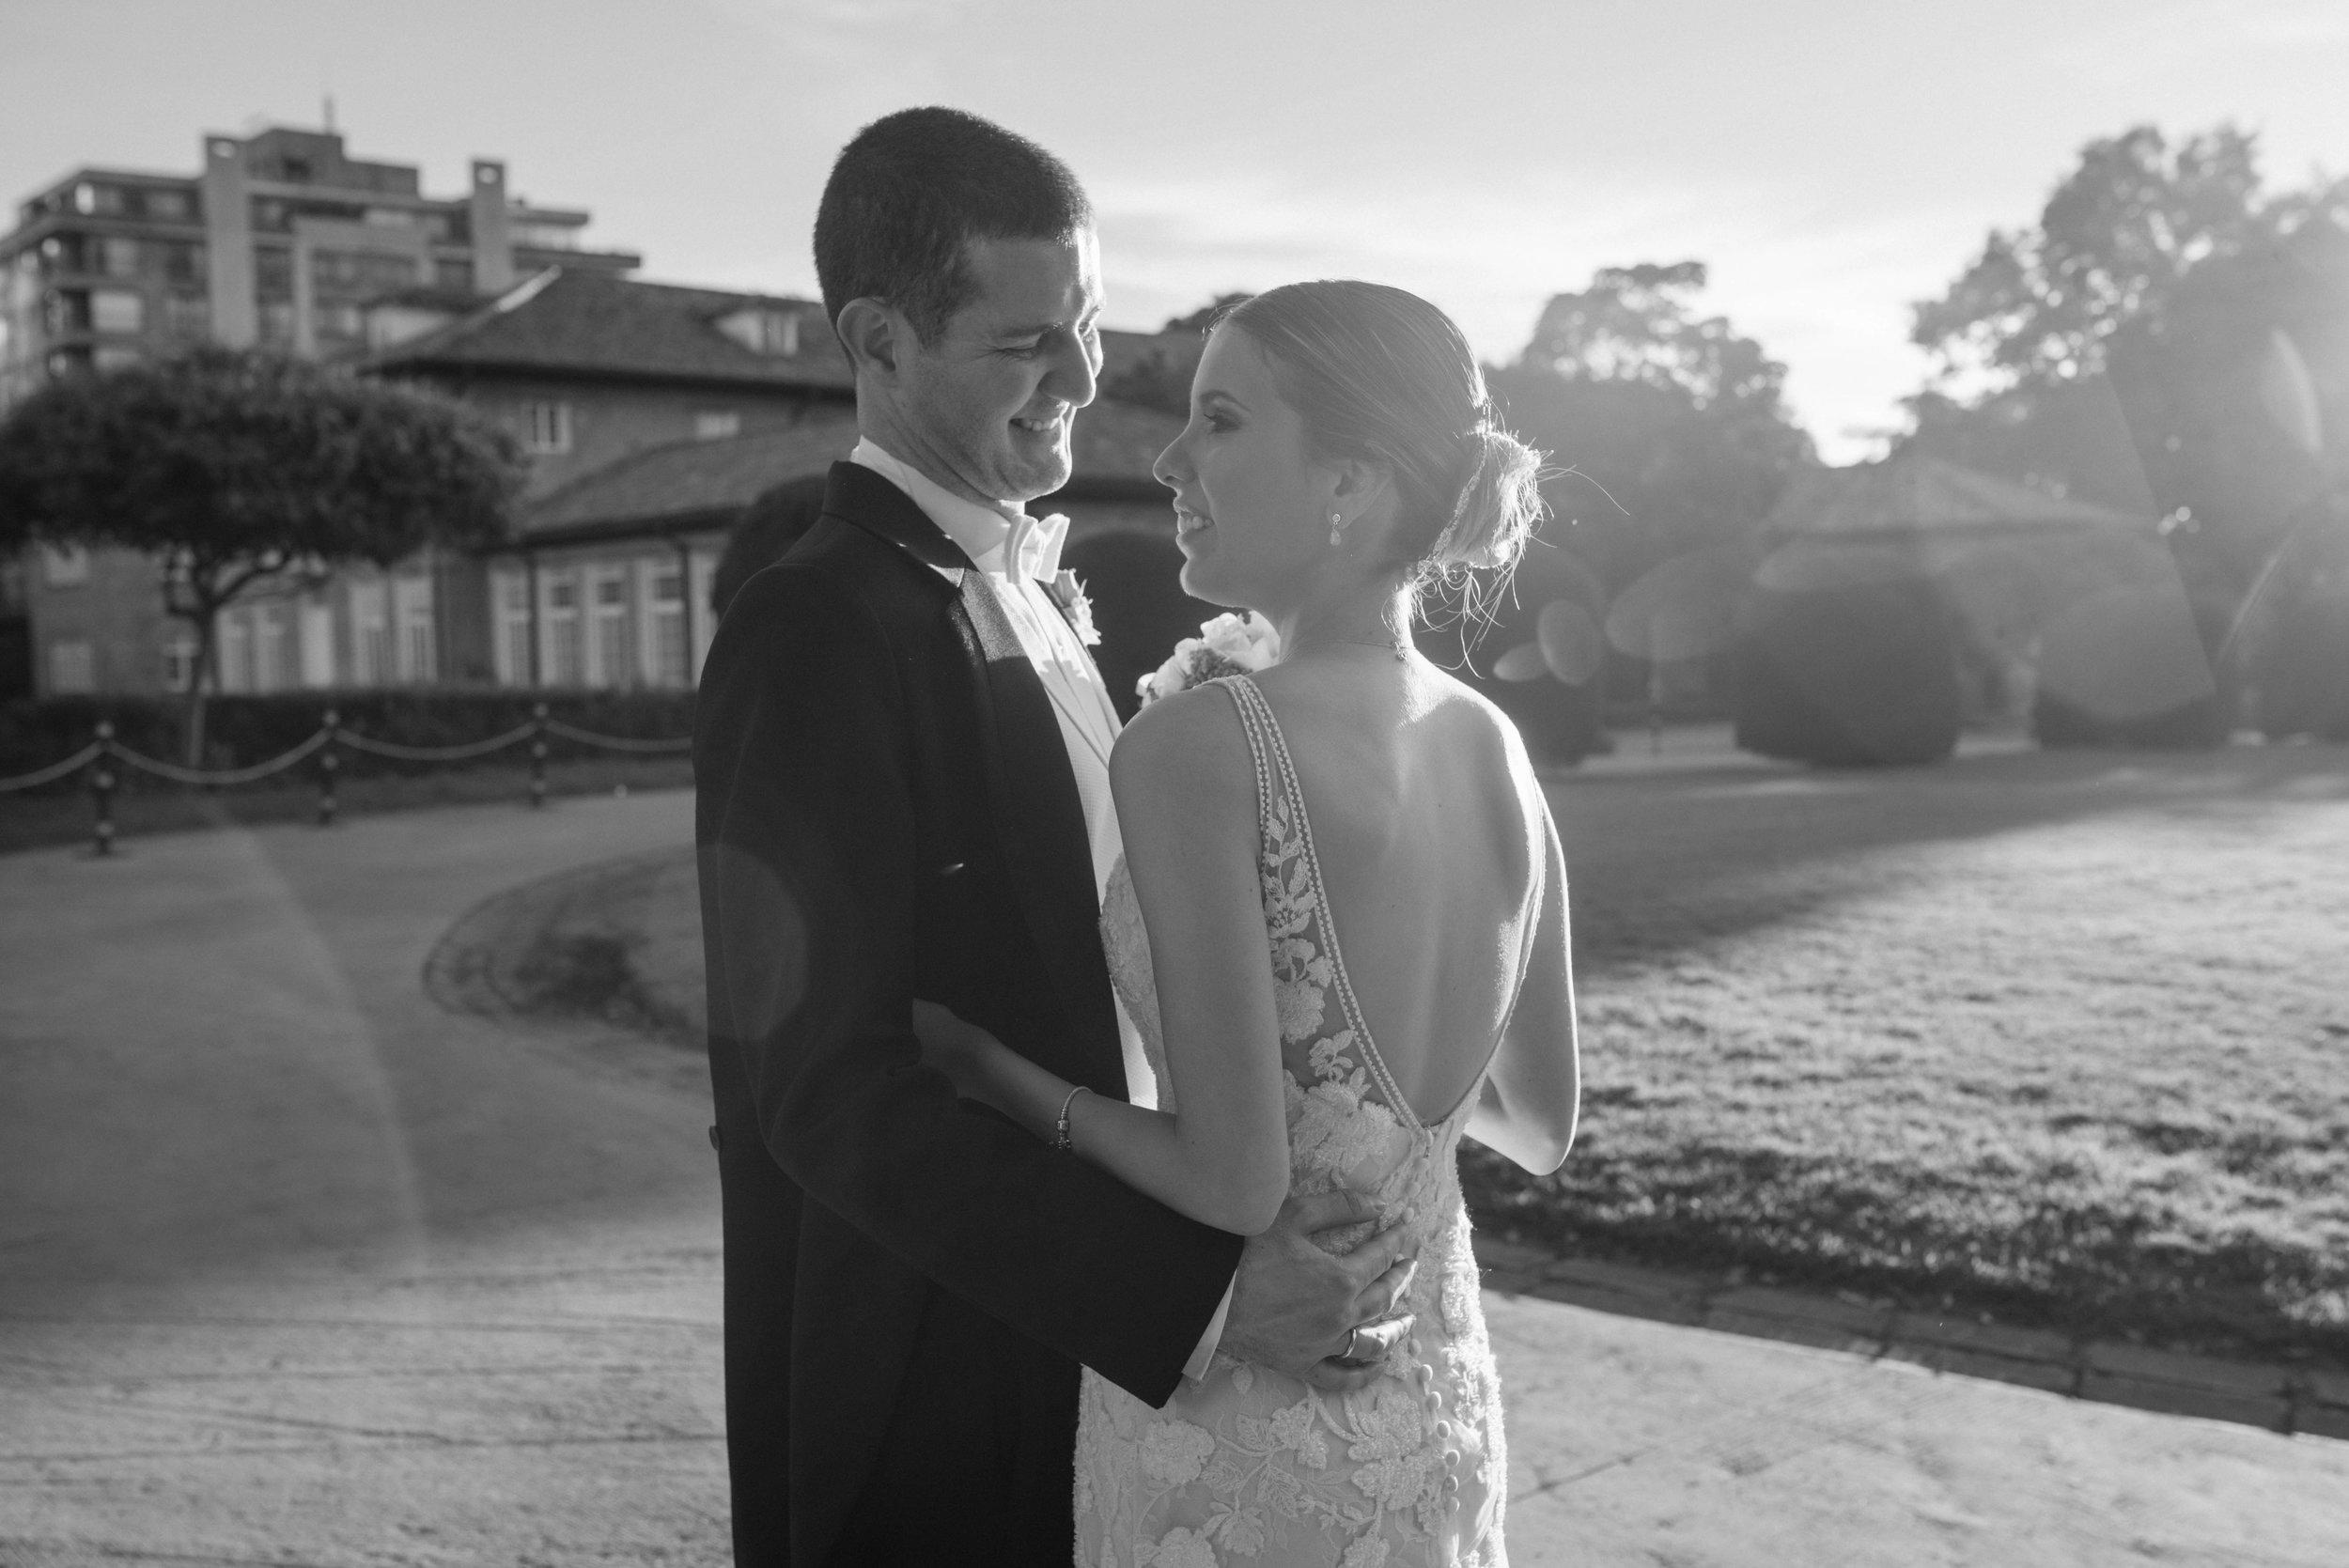 barbar-victor-juliethbravo-testimonio-bodas-weddingplanner-boda-destino-